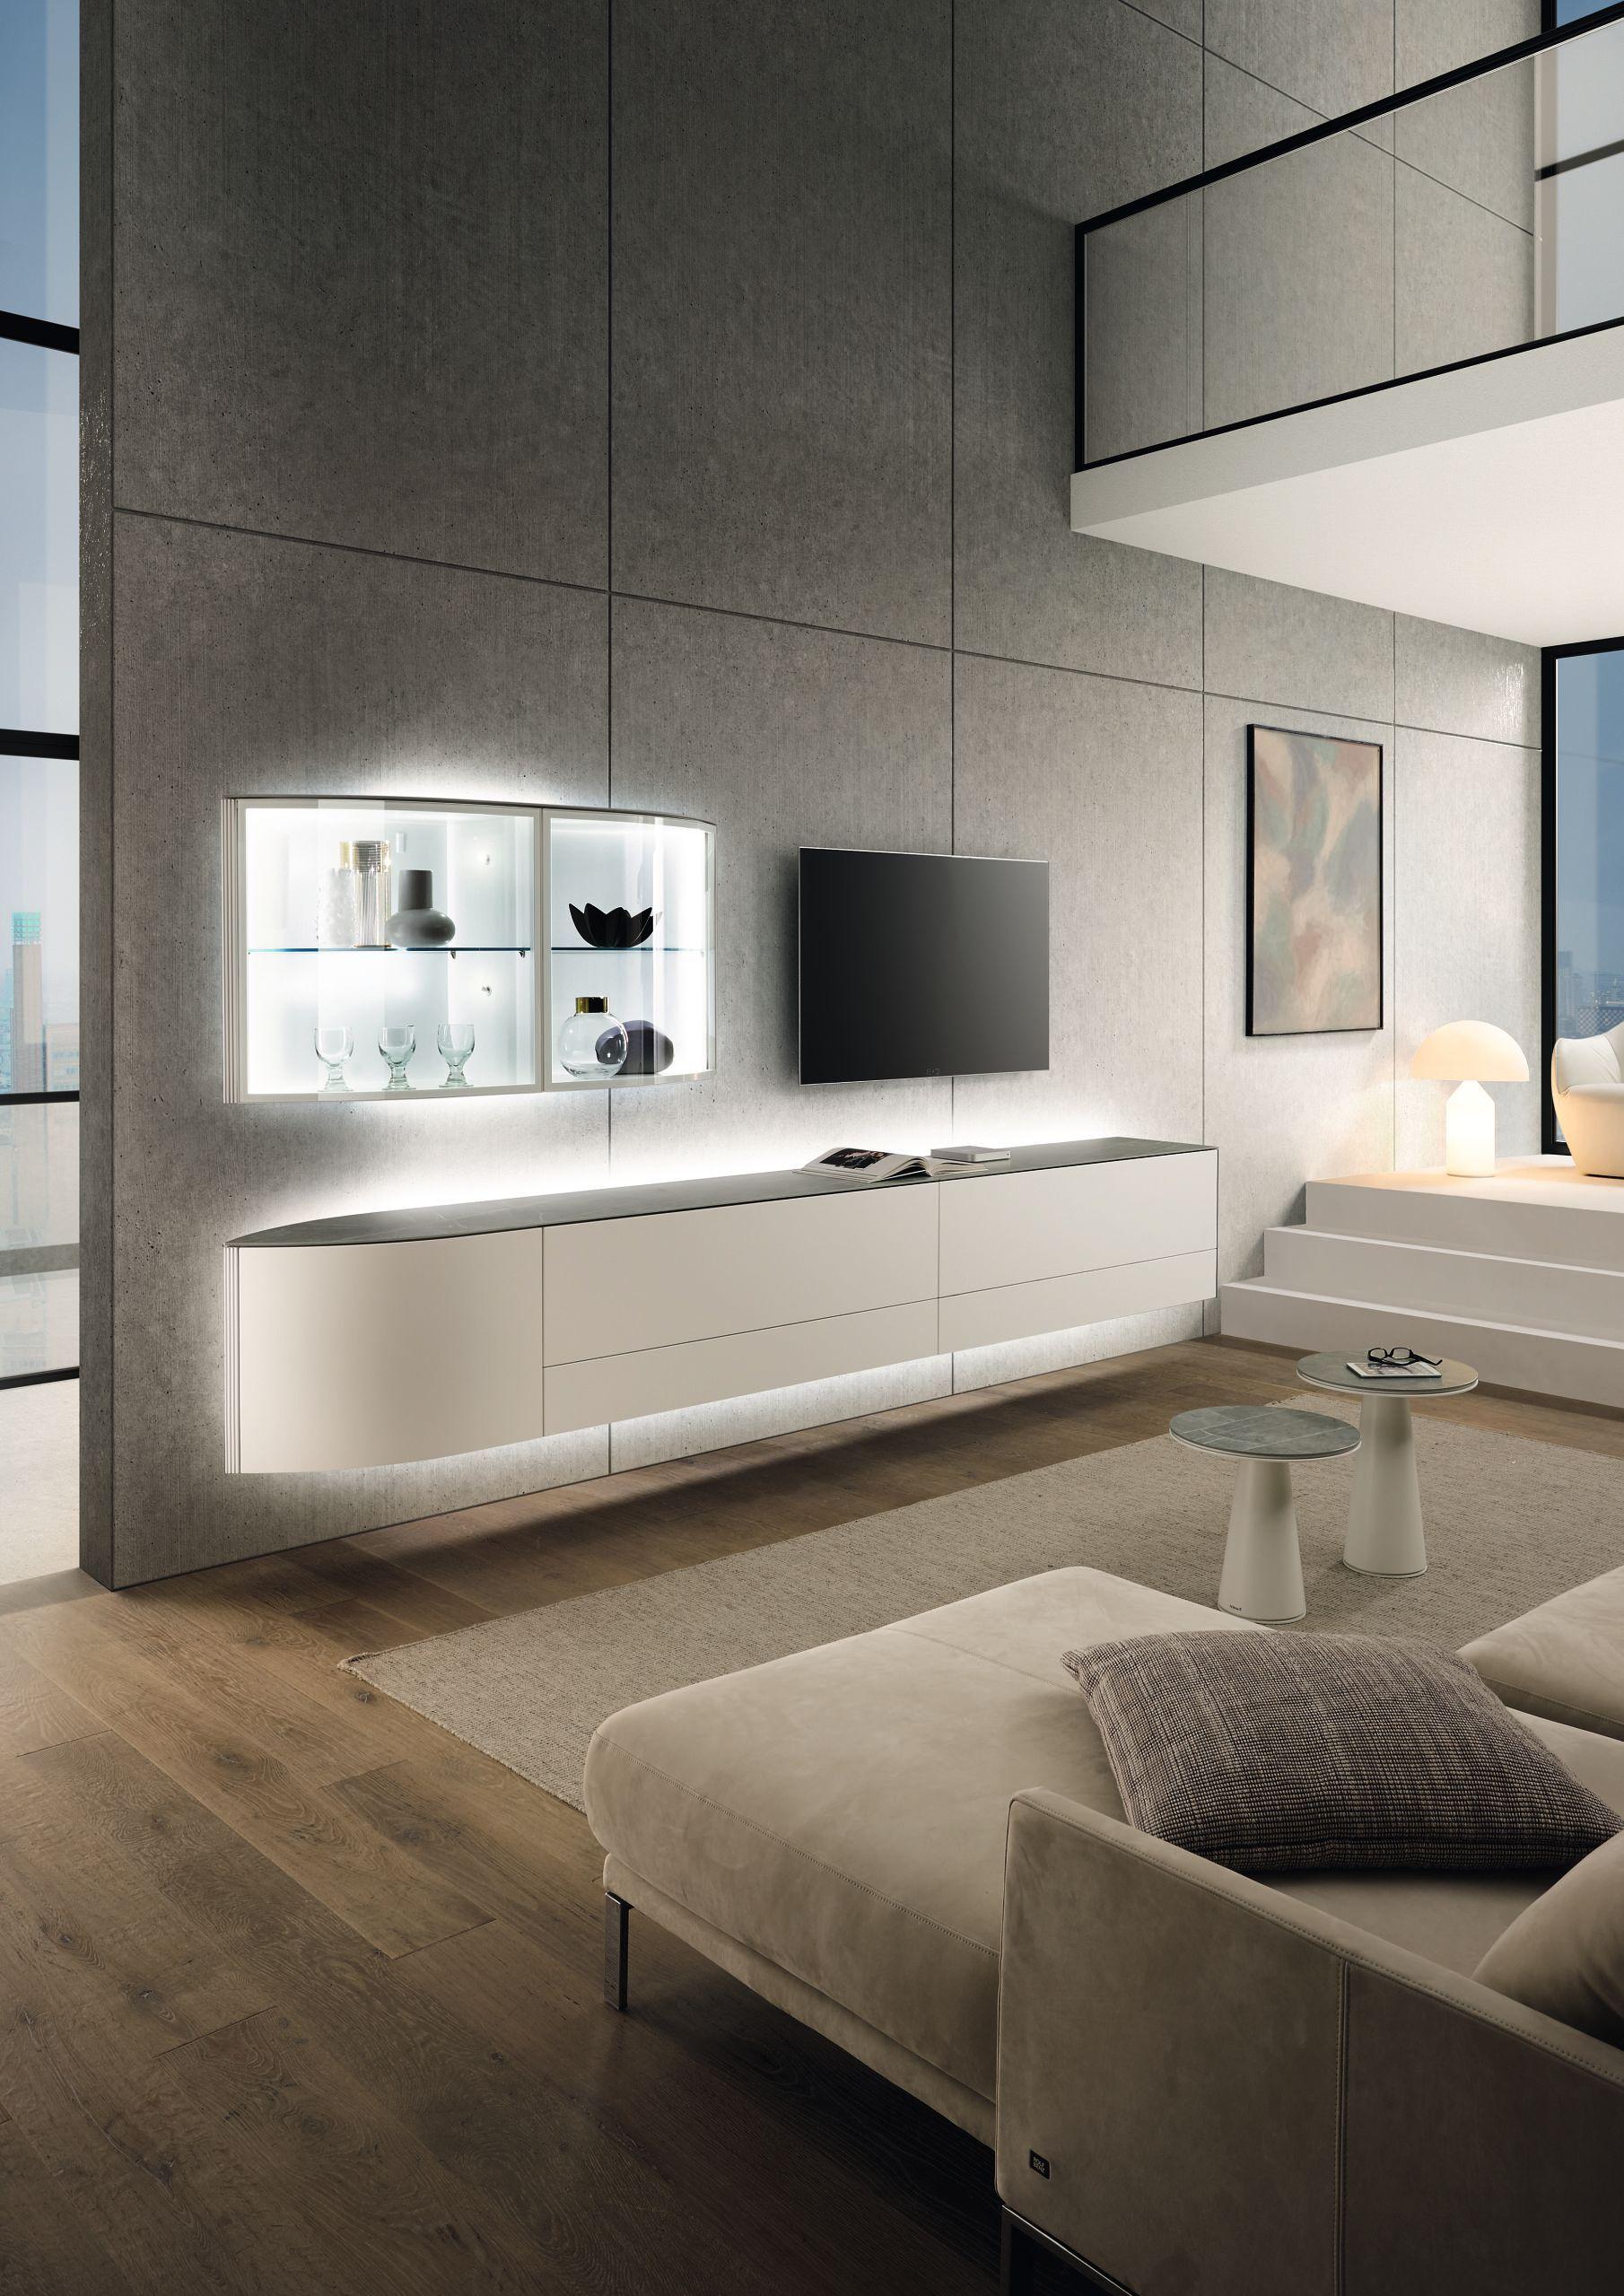 Wohnwand HÜLSTA Navis  Wohnwand modern, Hülsta wohnzimmer